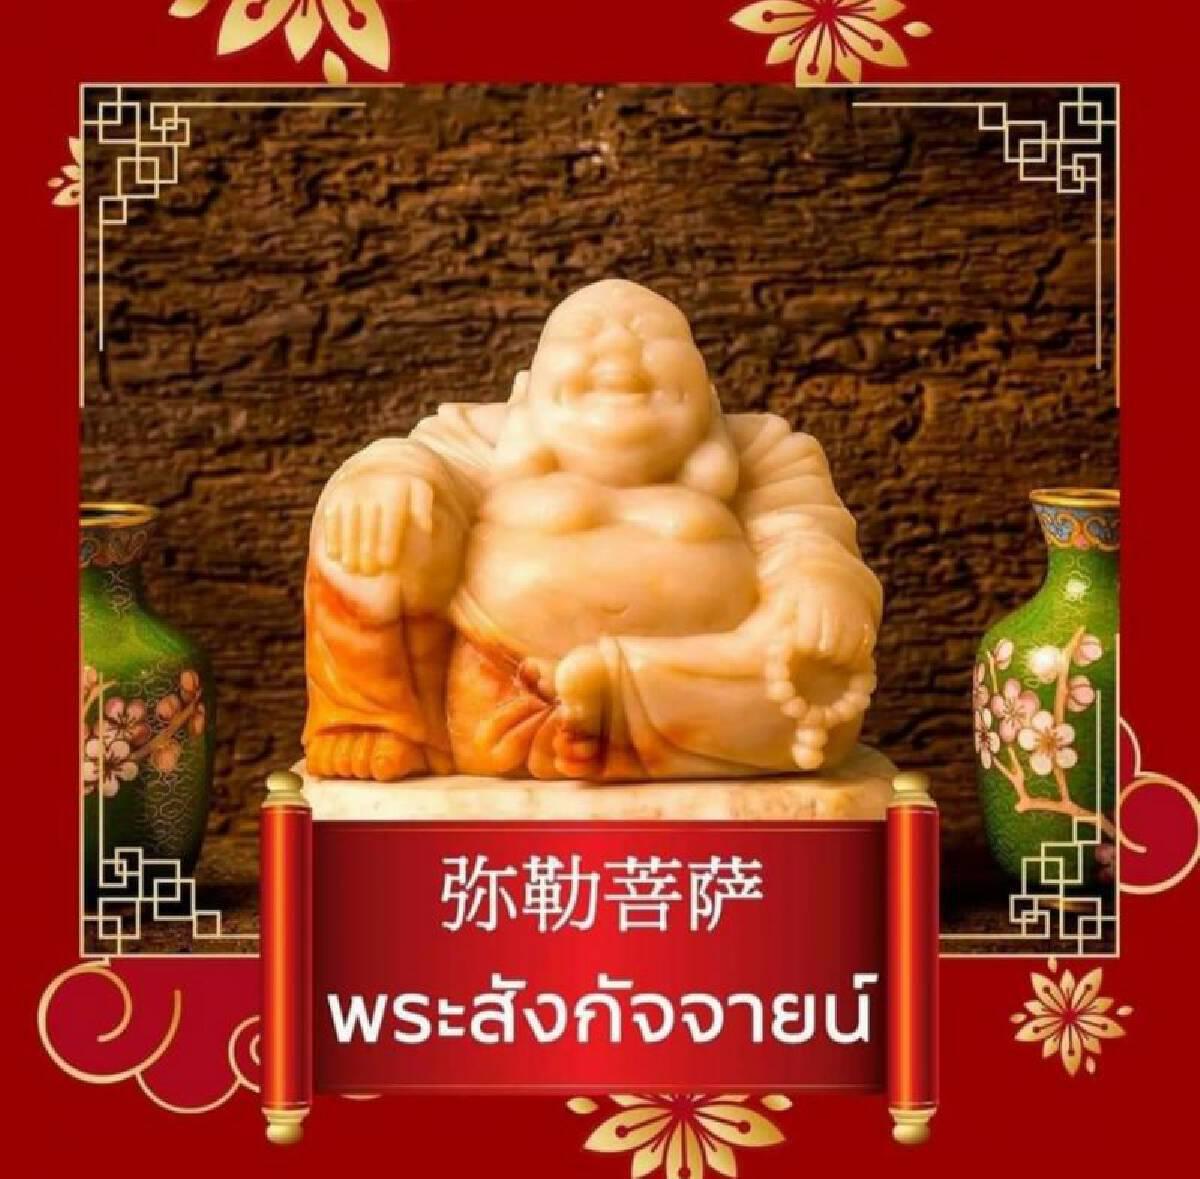 ตรุษจีน2564ชวนไหว้ 5 เทพเจ้าจีนเสริมดวงเพิ่มความเฮง